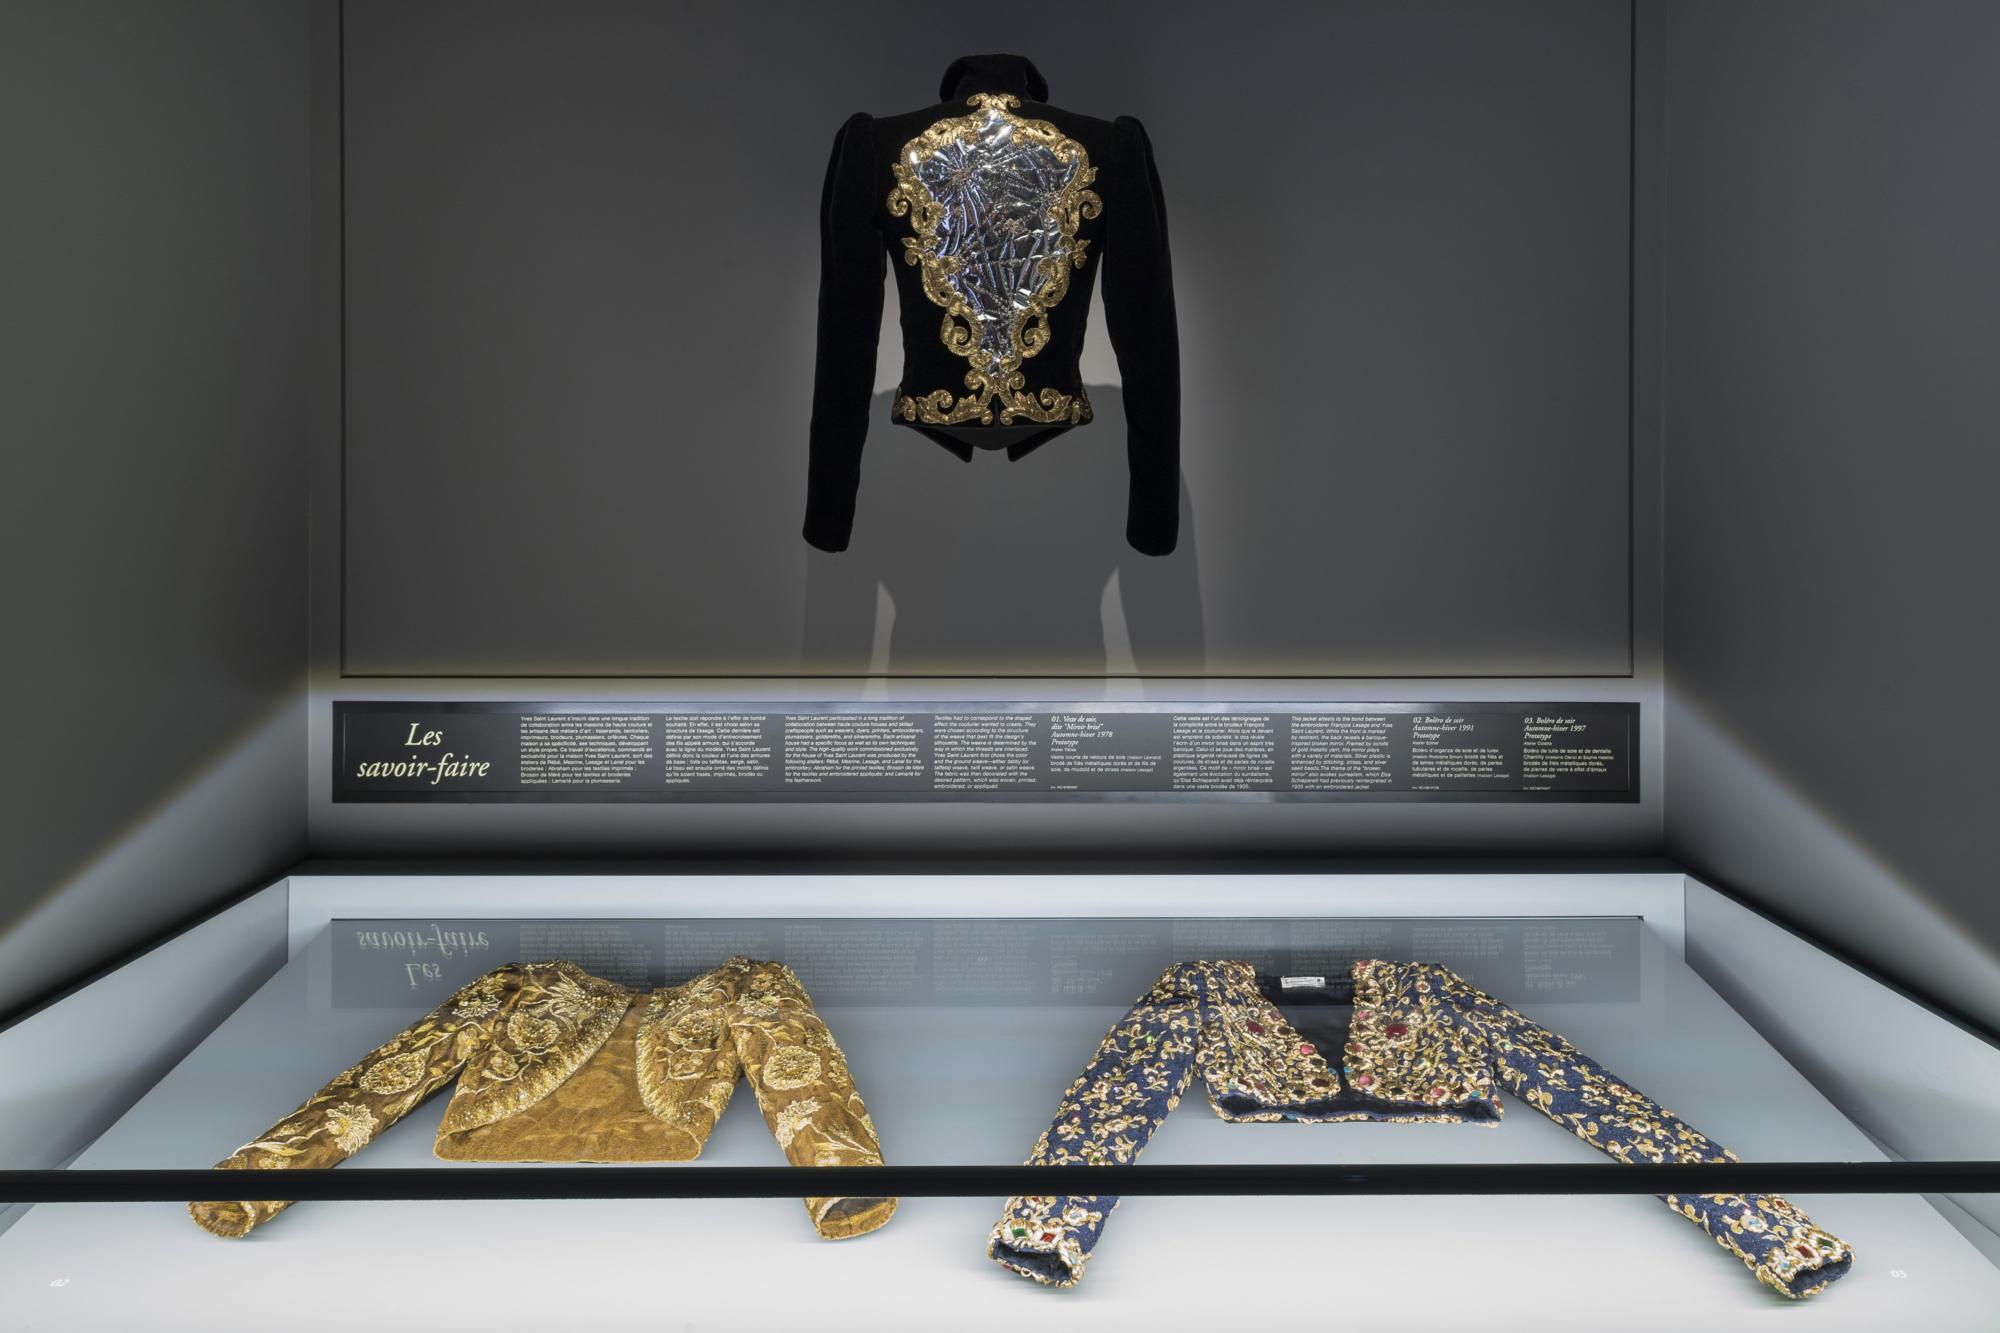 d10240d56ff View of the Musée Yves Saint Laurent Paris © Musée Yves Saint Laurent Paris  / Luc Castel